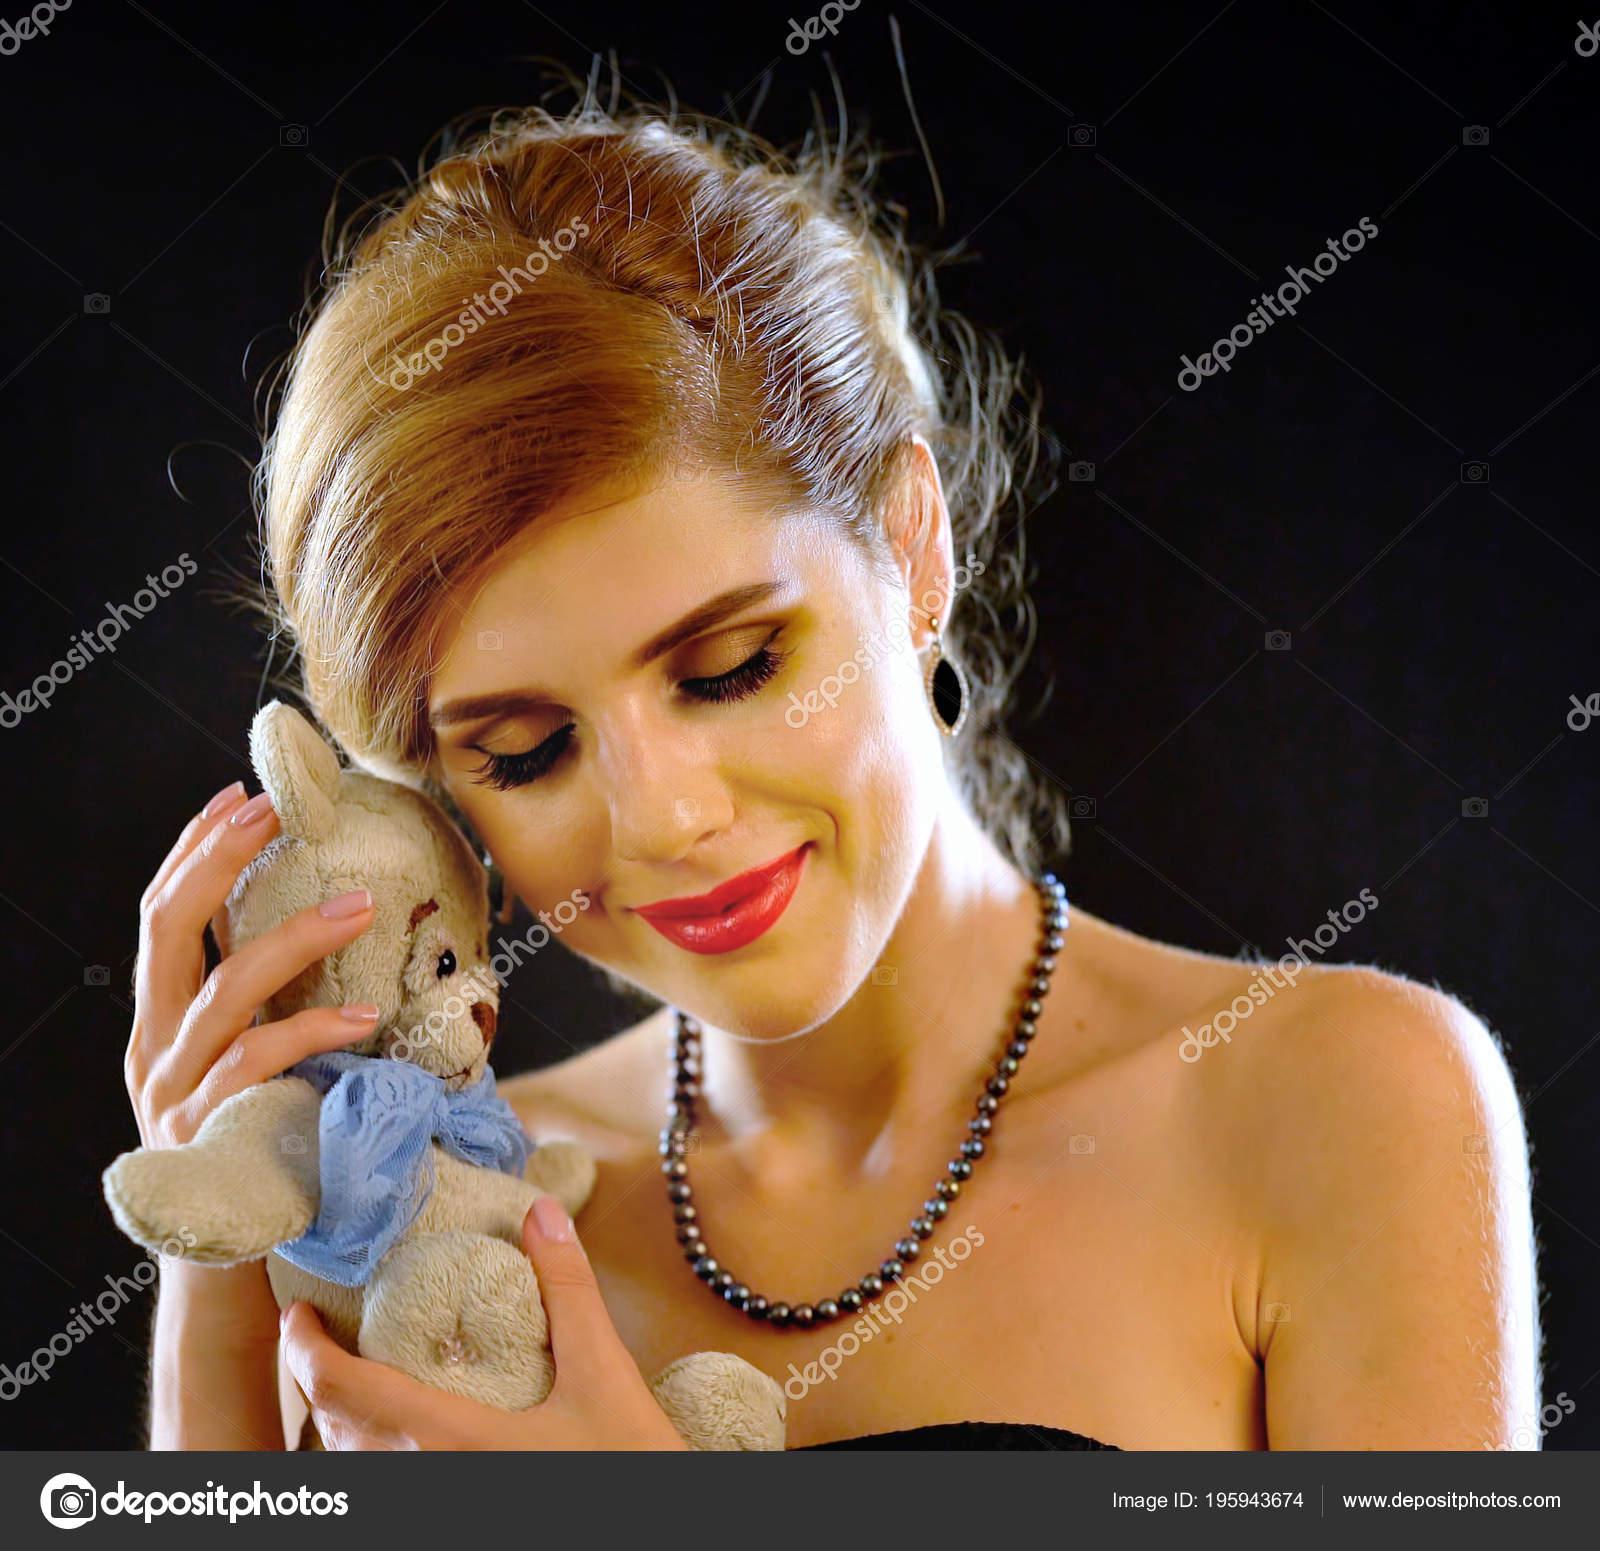 Ζευγάρια dating sites δωρεάν. Ελληνική την αμερικανική online dating σκωτσέζικο γάμο και τη χρονολόγηση των.